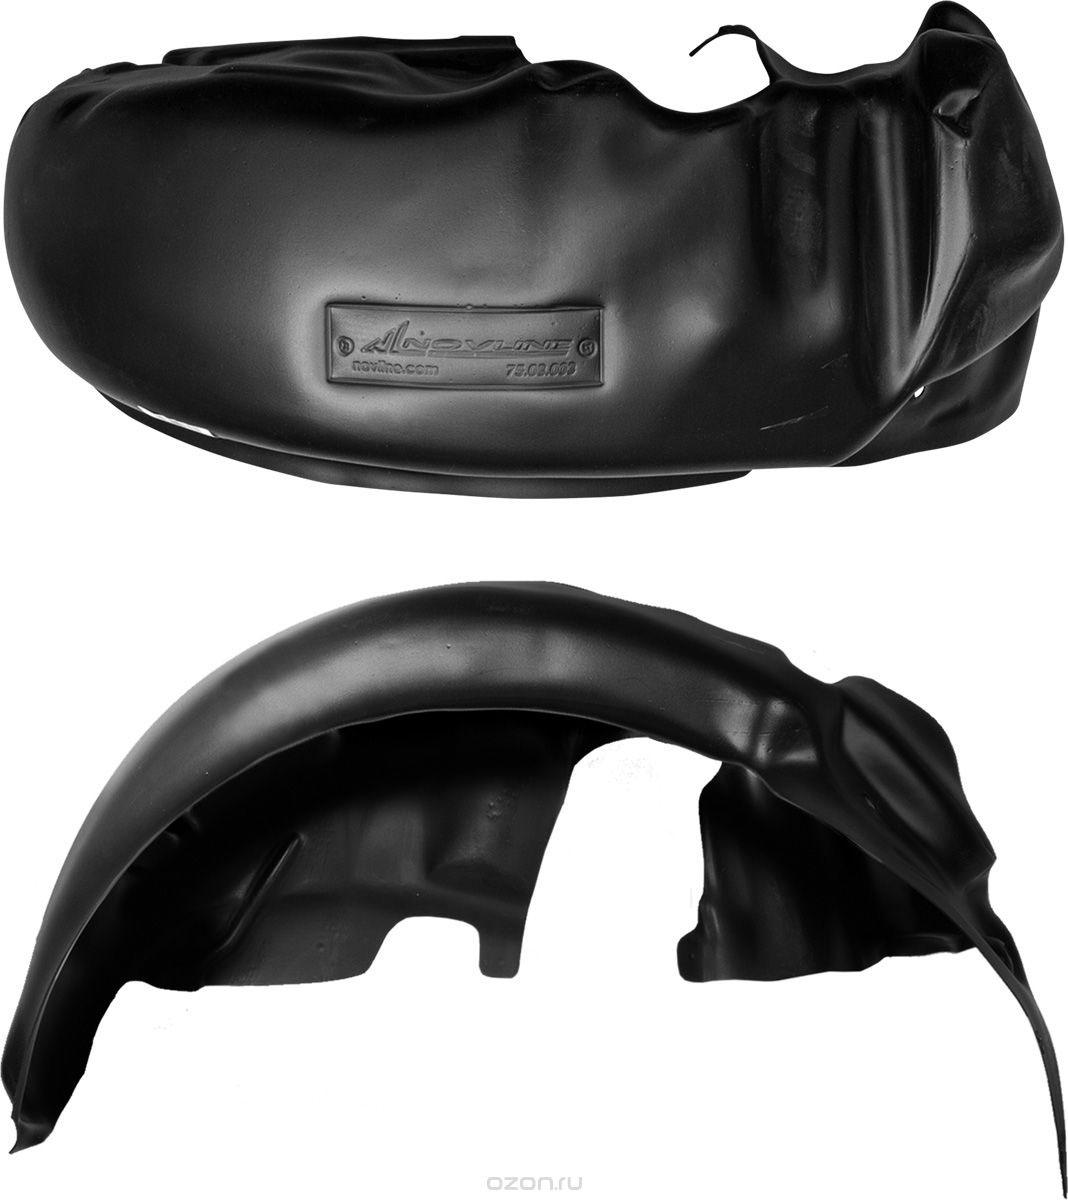 Подкрылок Novline-Autofamily, для Citroen Jumper, 2006-2014, без расширителей арок, передний левыйNLL.10.22.001Идеальная защита колесной ниши. Локеры разработаны с применением цифровых технологий, гарантируют максимальную повторяемость поверхности арки. Изделия устанавливаются без нарушения лакокрасочного покрытия автомобиля, каждый подкрылок комплектуется крепежом. Уважаемые клиенты, обращаем ваше внимание, что фотографии на подкрылки универсальные и не отражают реальную форму изделия. При этом само изделие идет точно под размер указанного автомобиля.